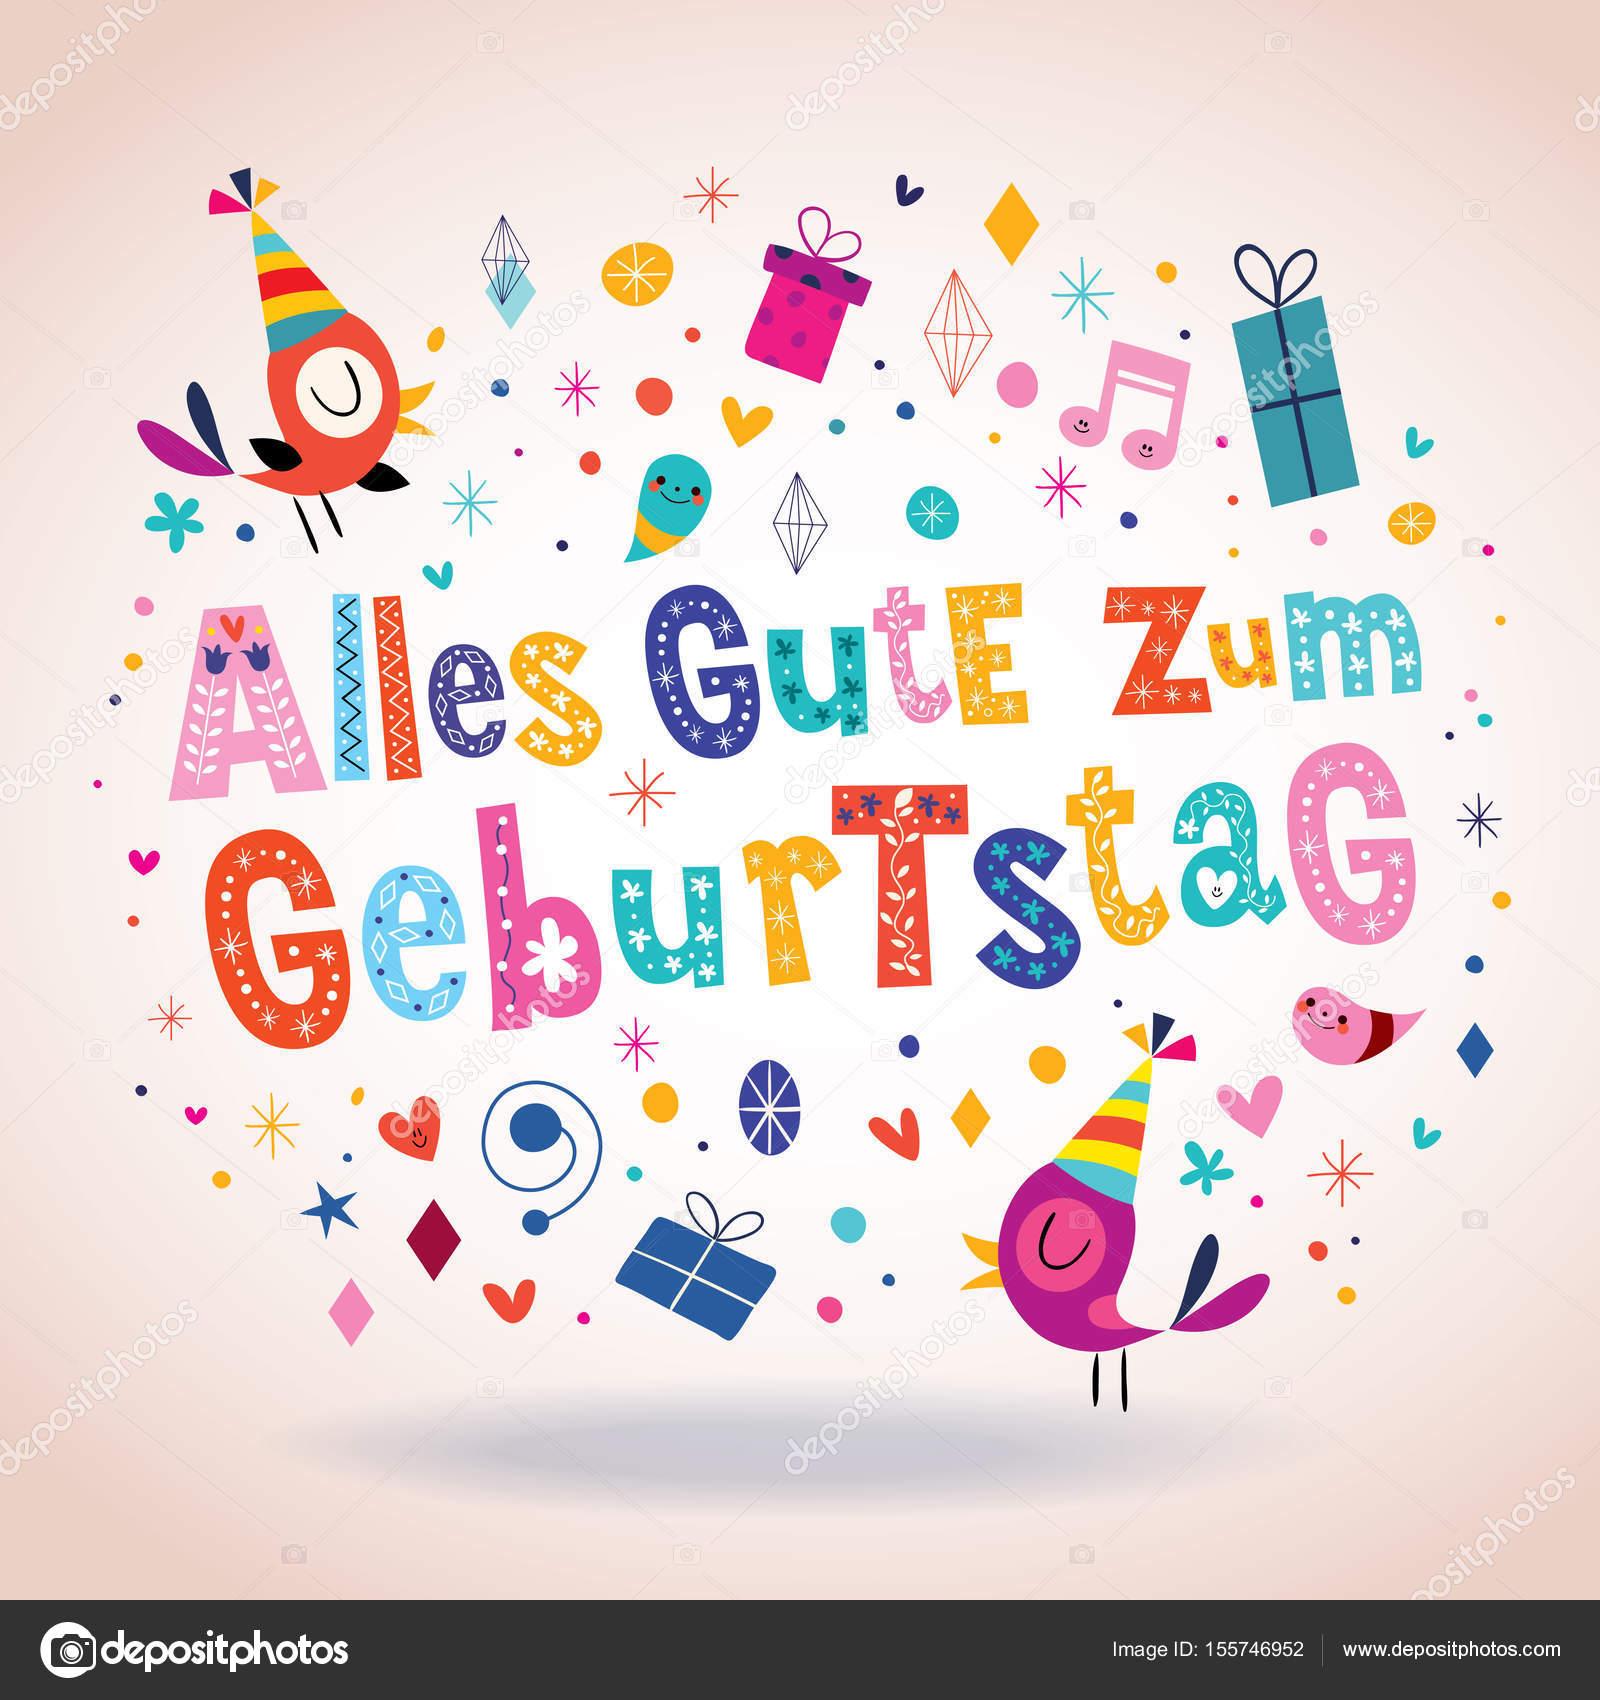 ярко картинки с днем рождения на немецком белорусской